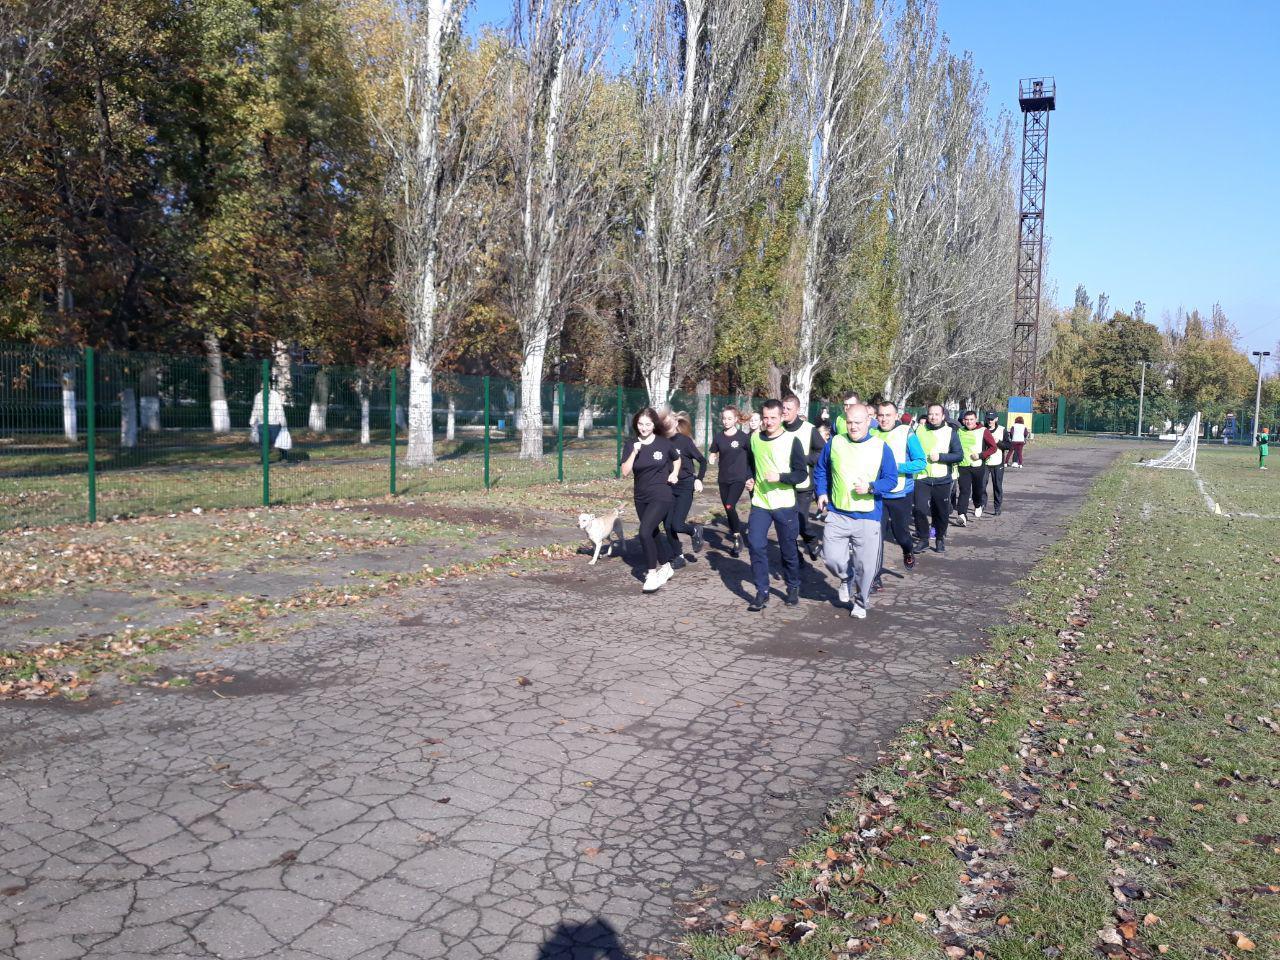 Правоохоронці Покровської оперативної зони взяли участь у марафоні до Дня захисника України, фото-10